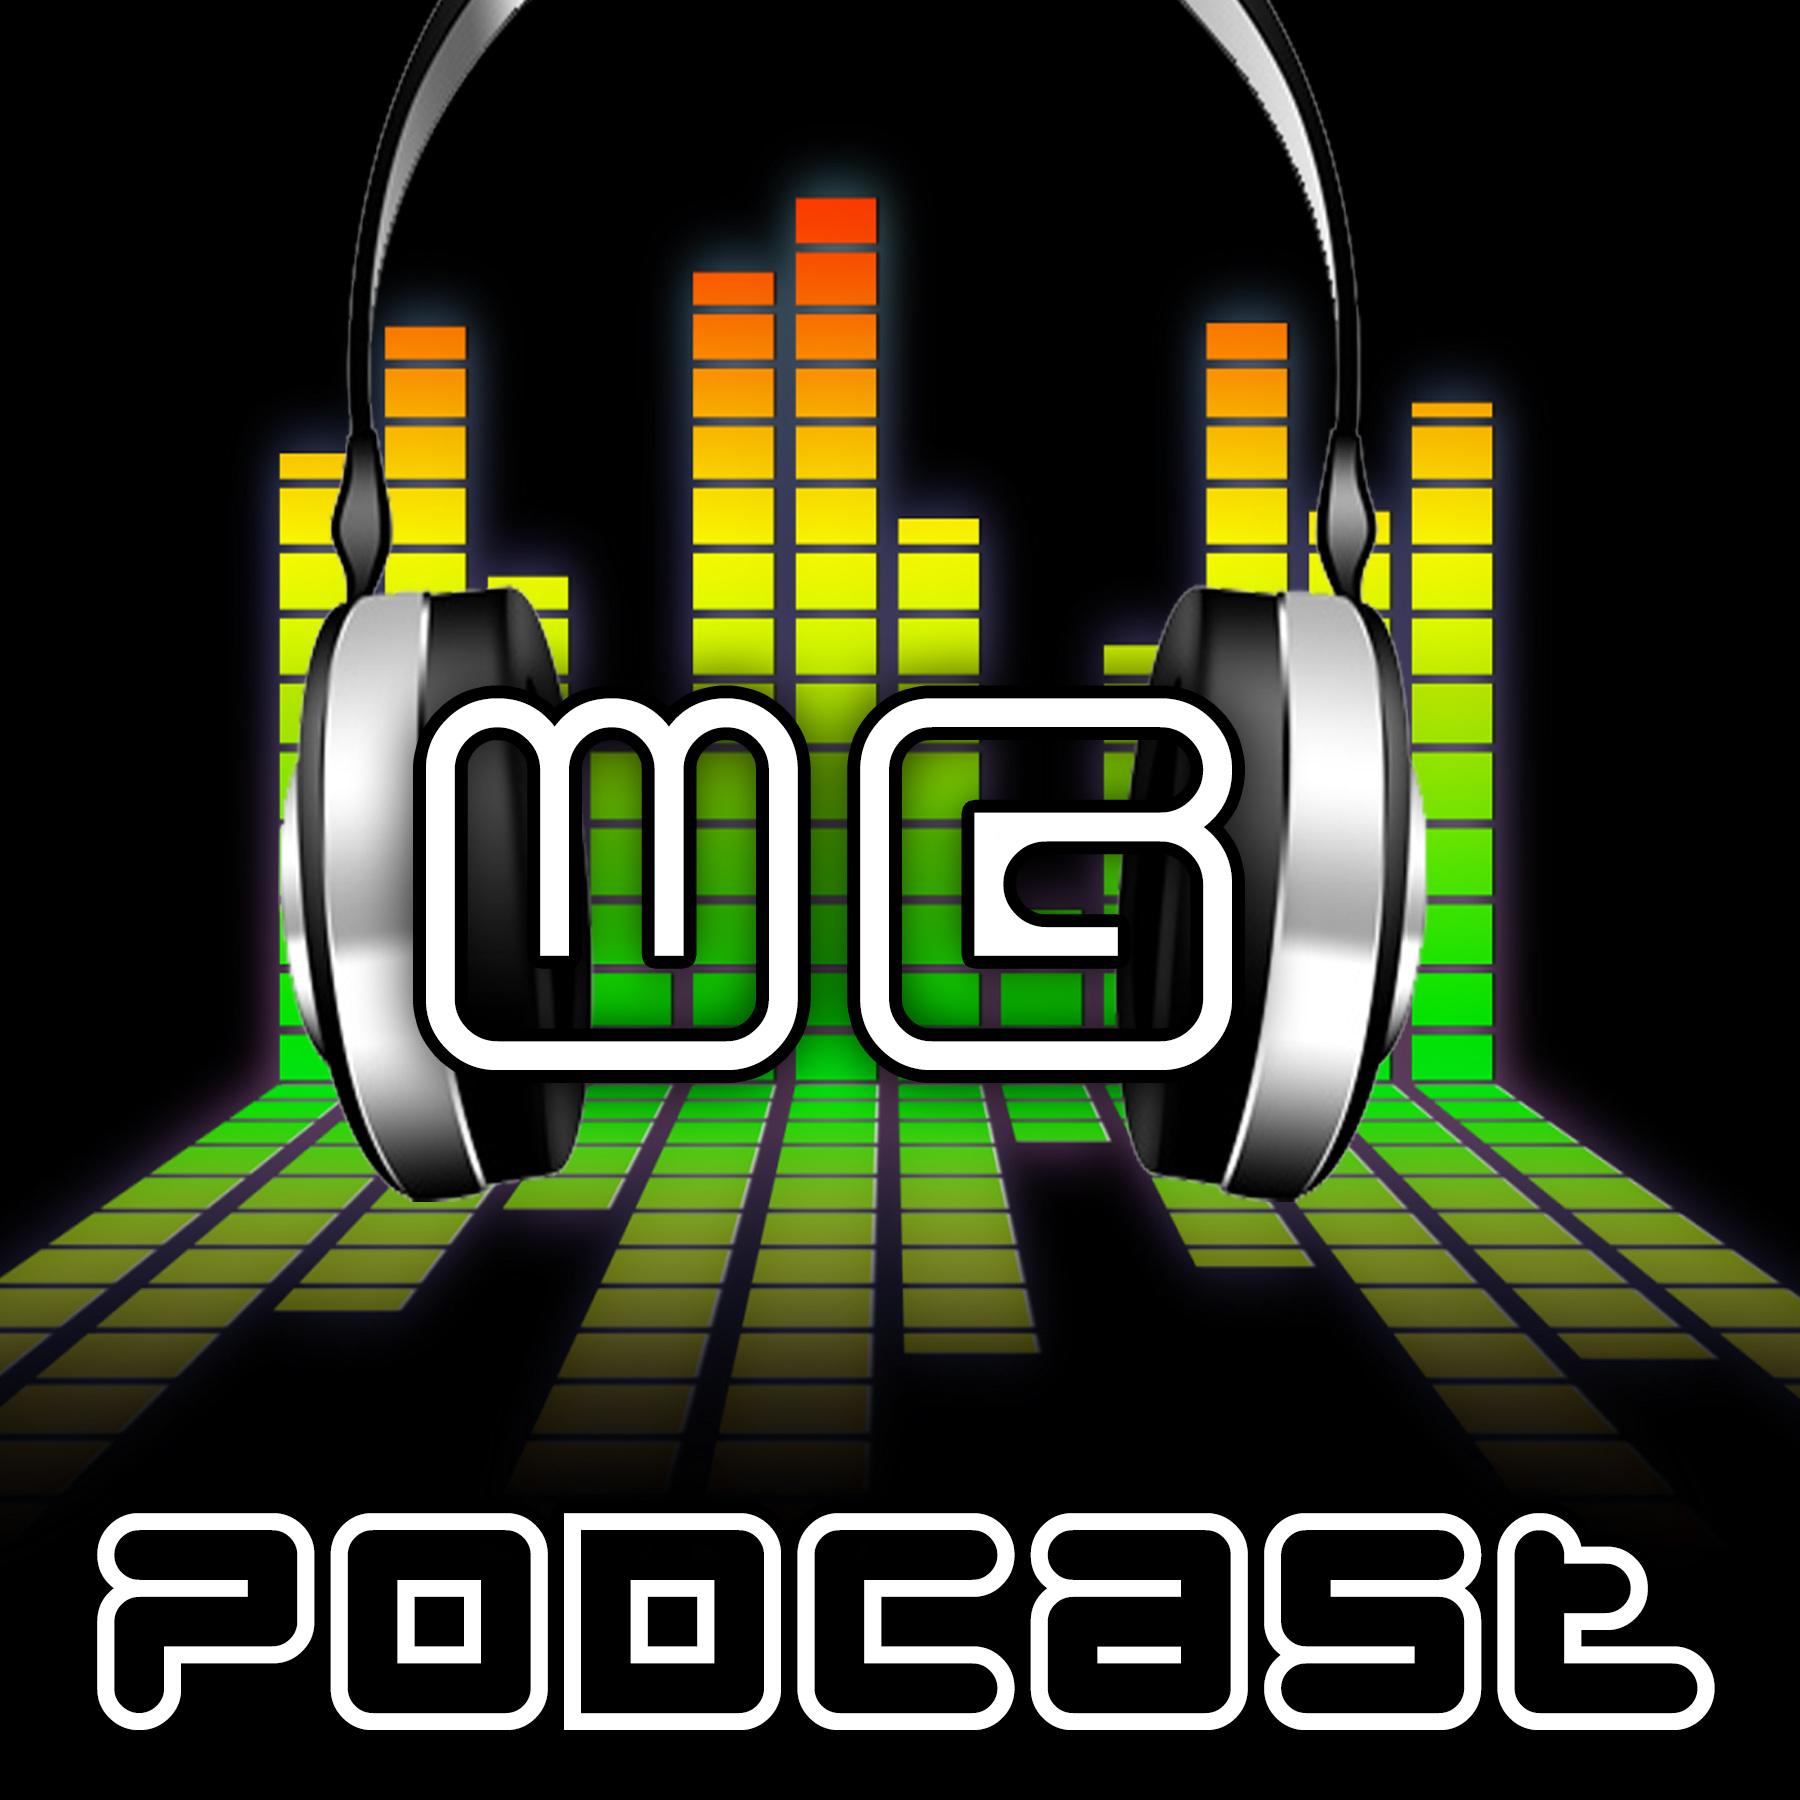 Weekend Grooves Radio